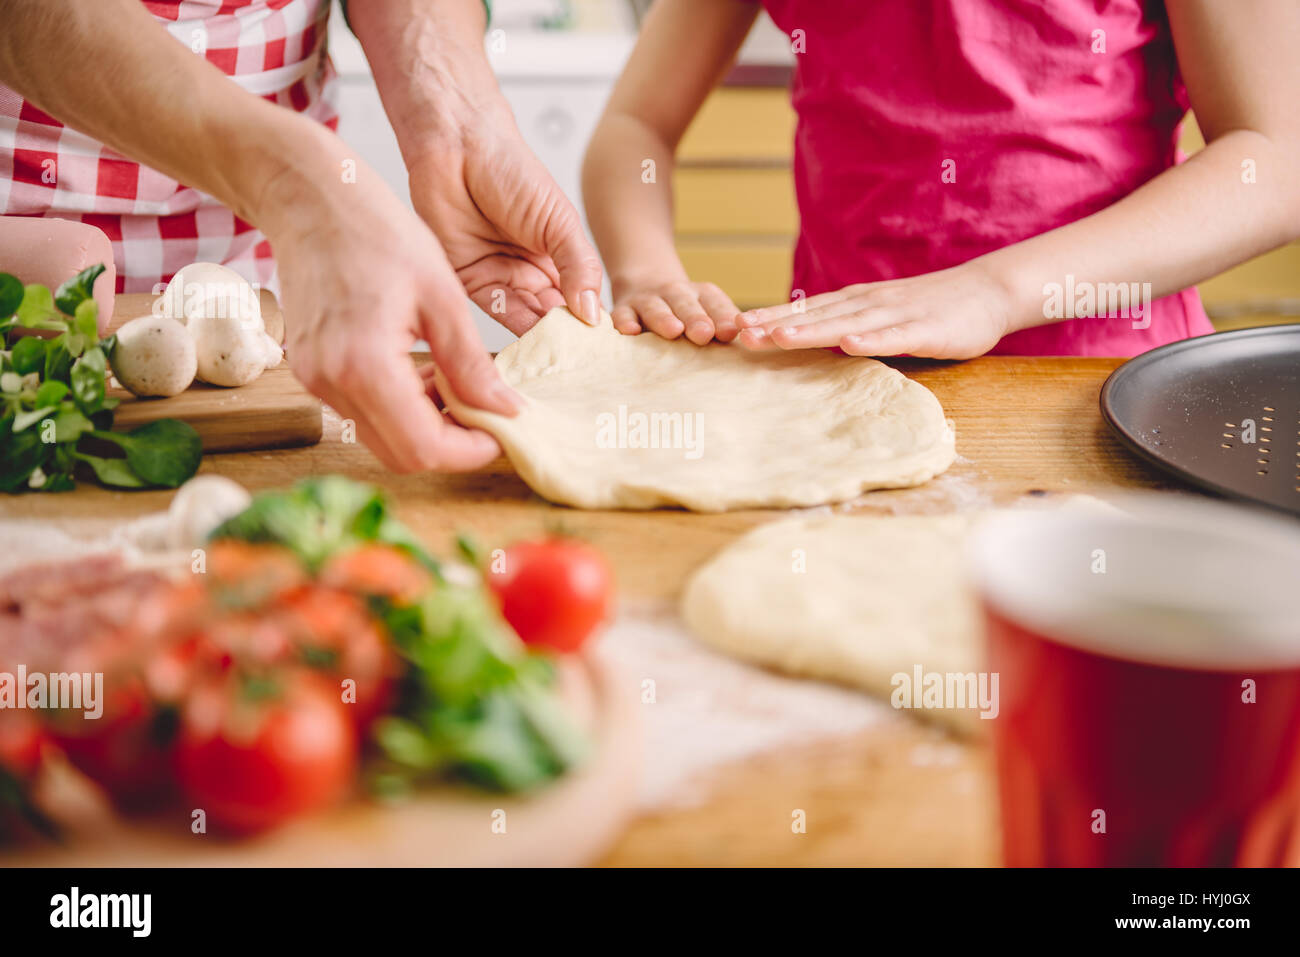 Mère et fille la préparation de pizza dans la cuisine Photo Stock